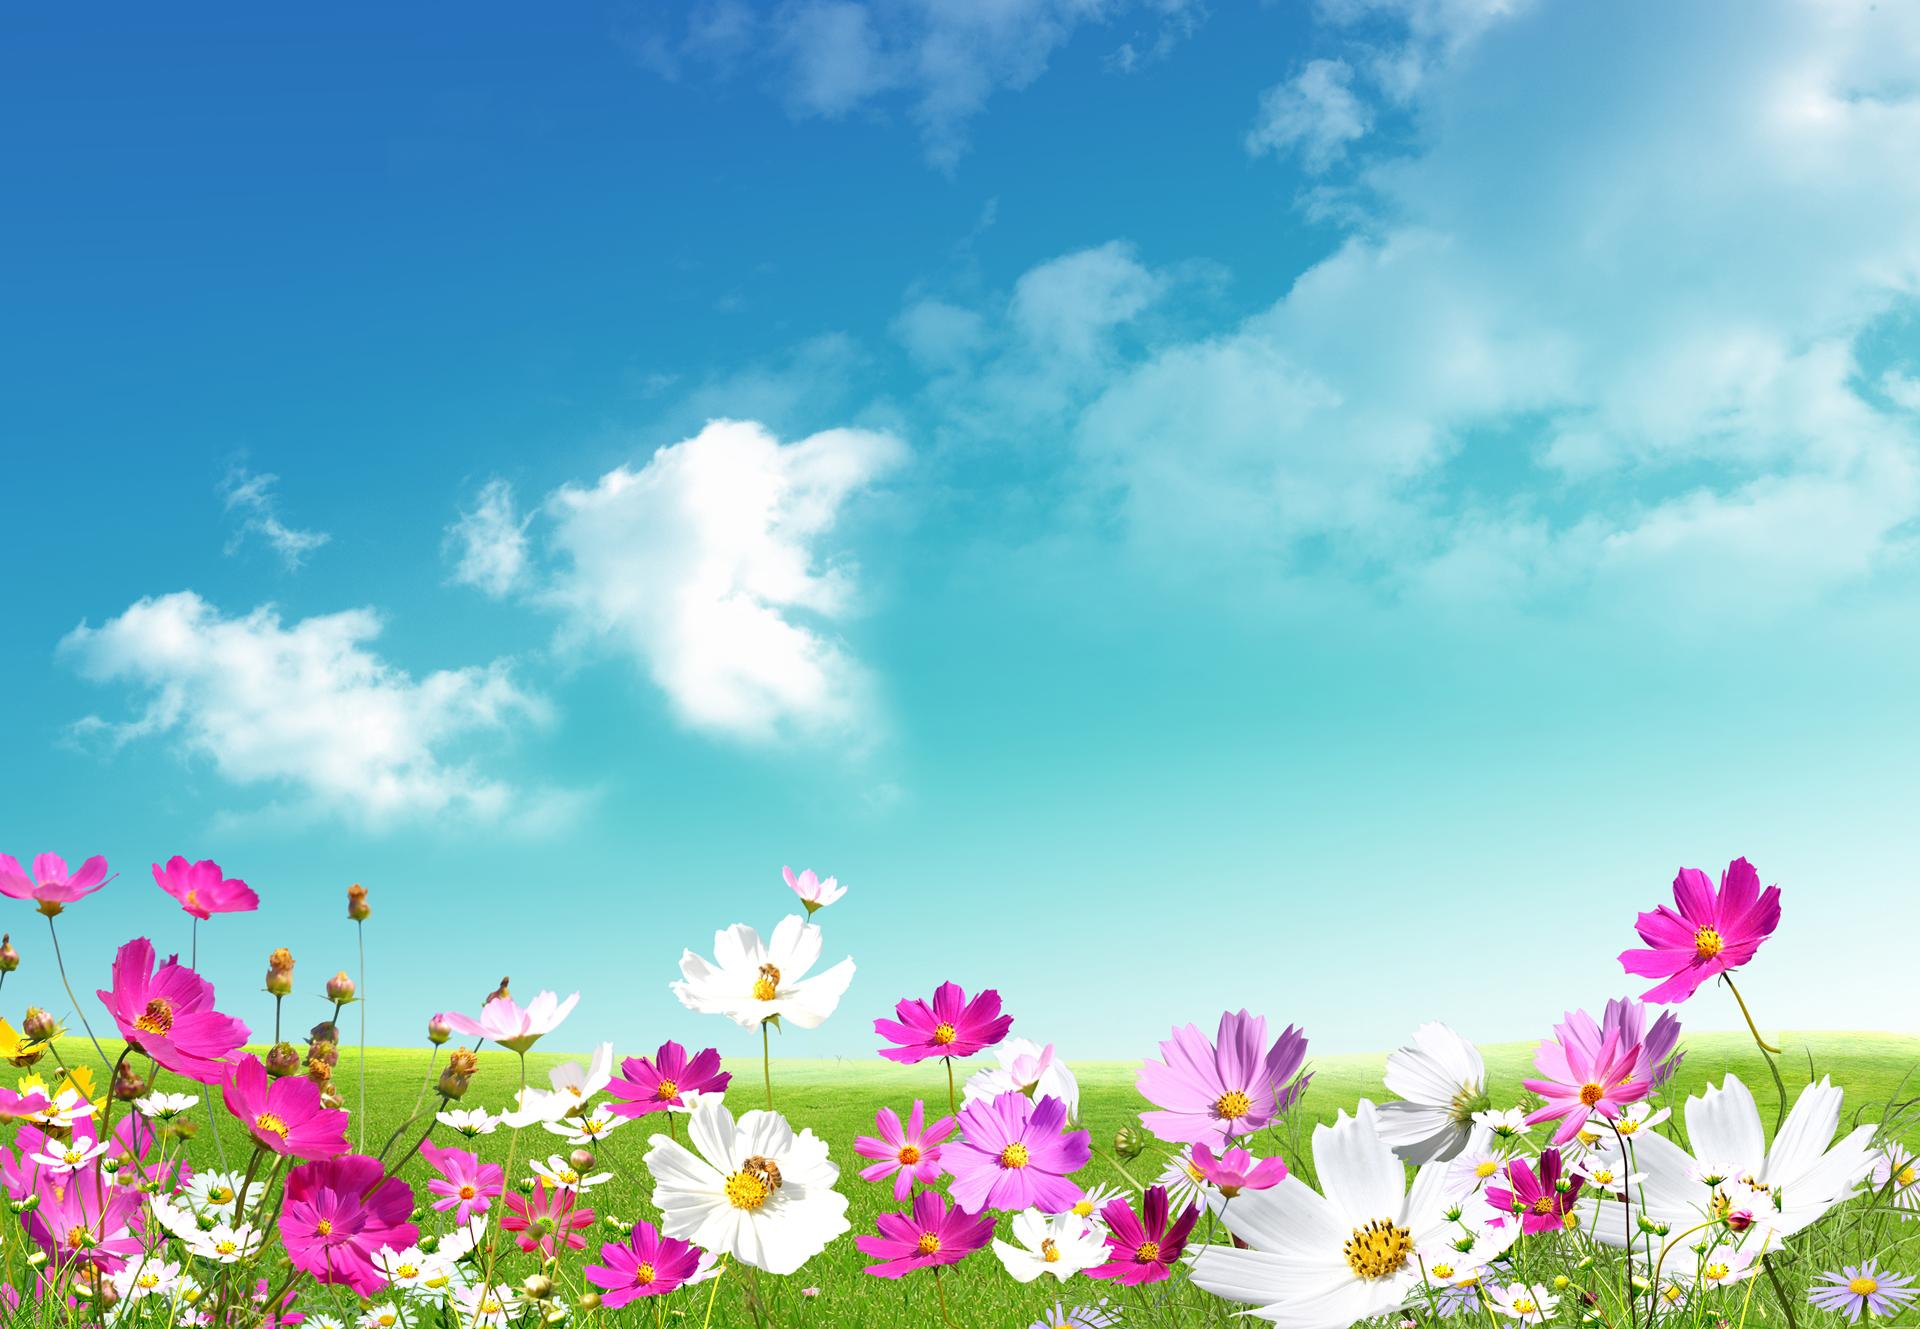 Spring Wallpaper Free Download.